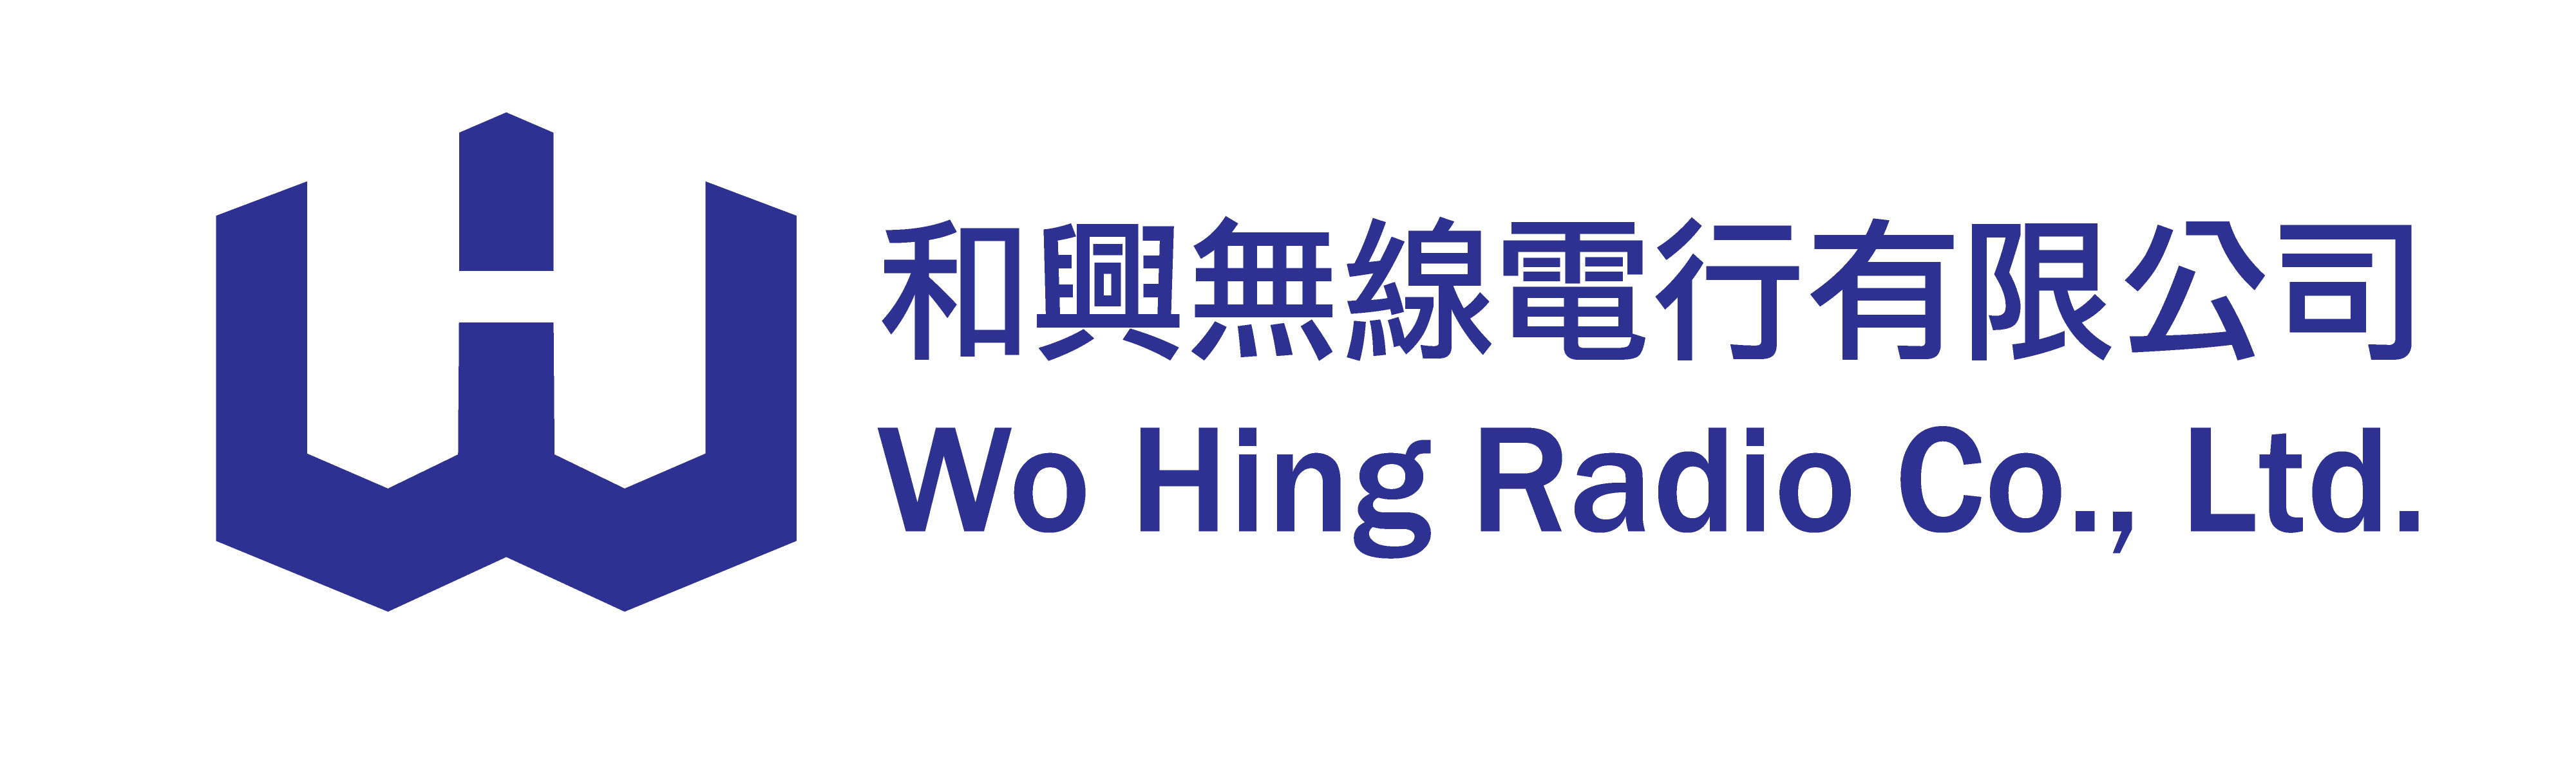 和興無線電行有限公司  Wo Hing Radio Co., Ltd.